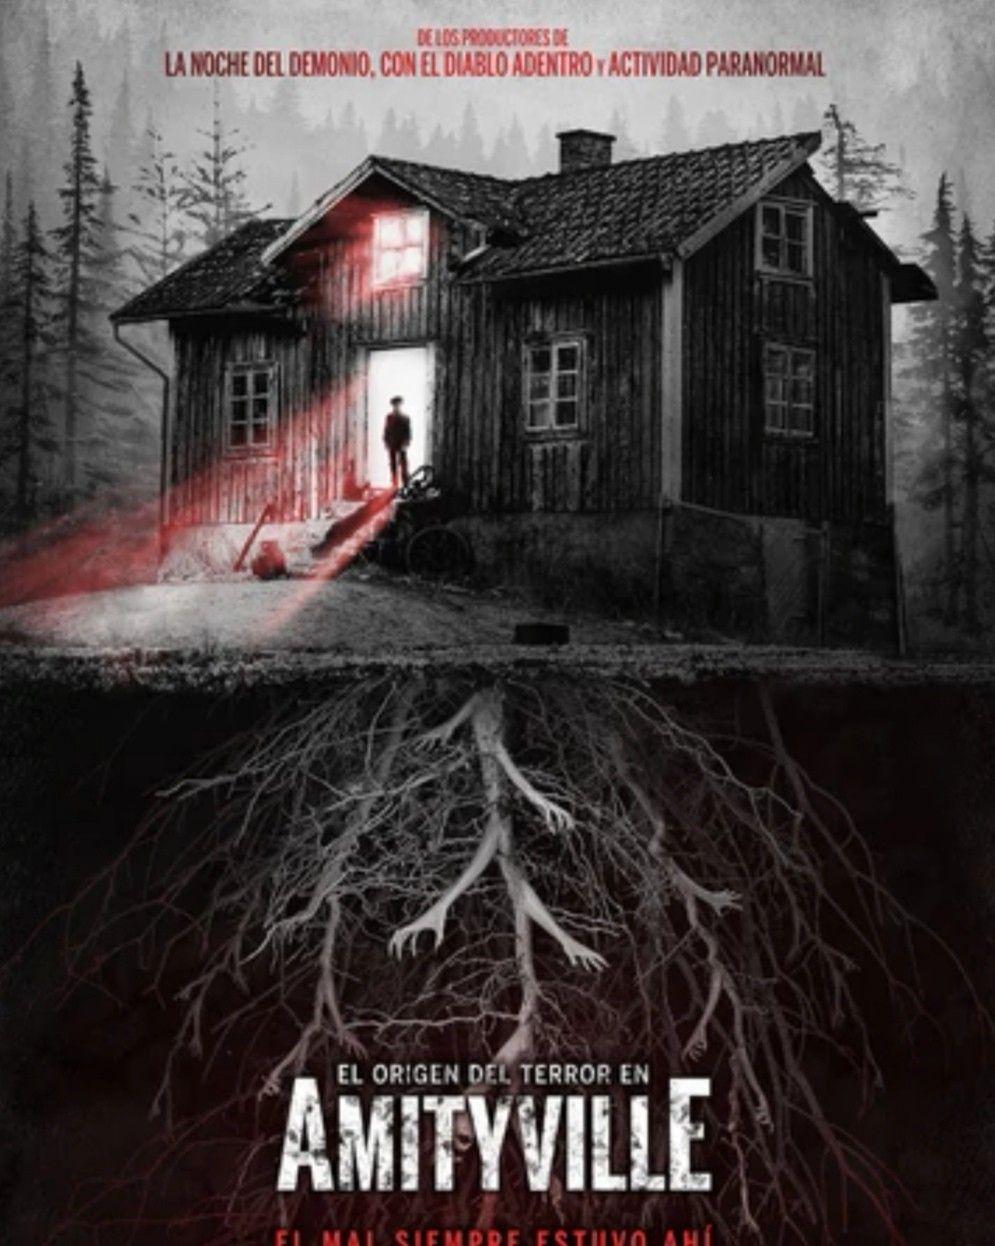 El Origen Del Terror En Amityville Peliculas De Terror Películas De Fantasmas Películas De Suspense